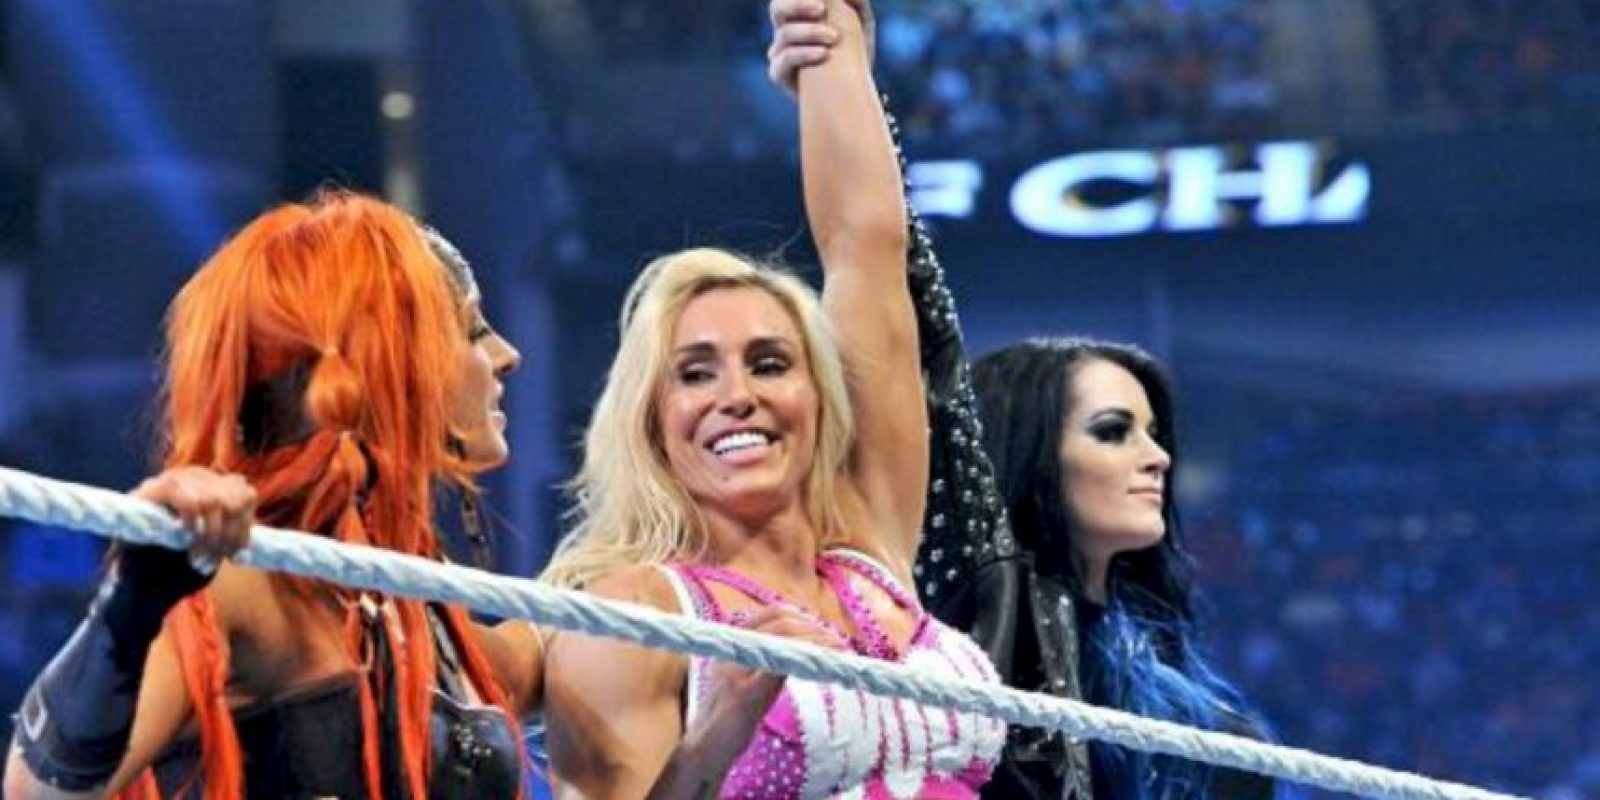 En el Campeonato de Divas, Charlotte retó a la monarca Nikki Bella. Foto:WWE.com